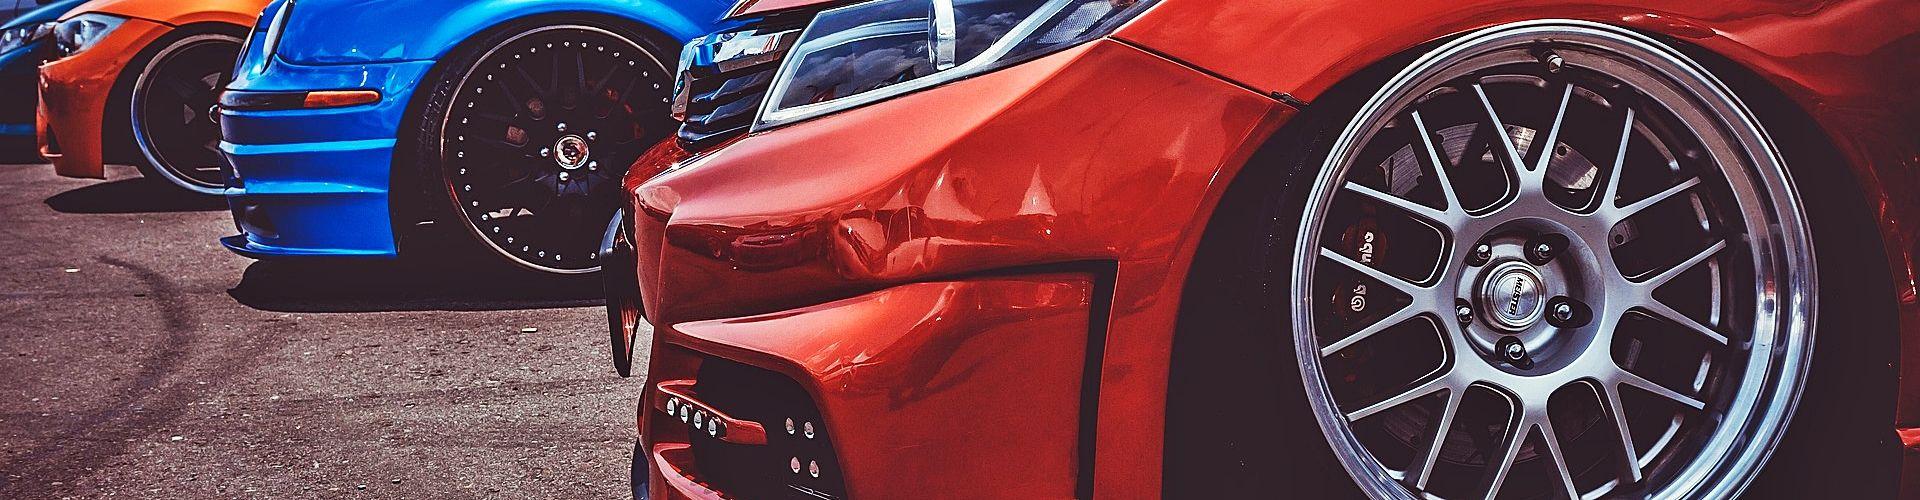 suspension-coche-dañada